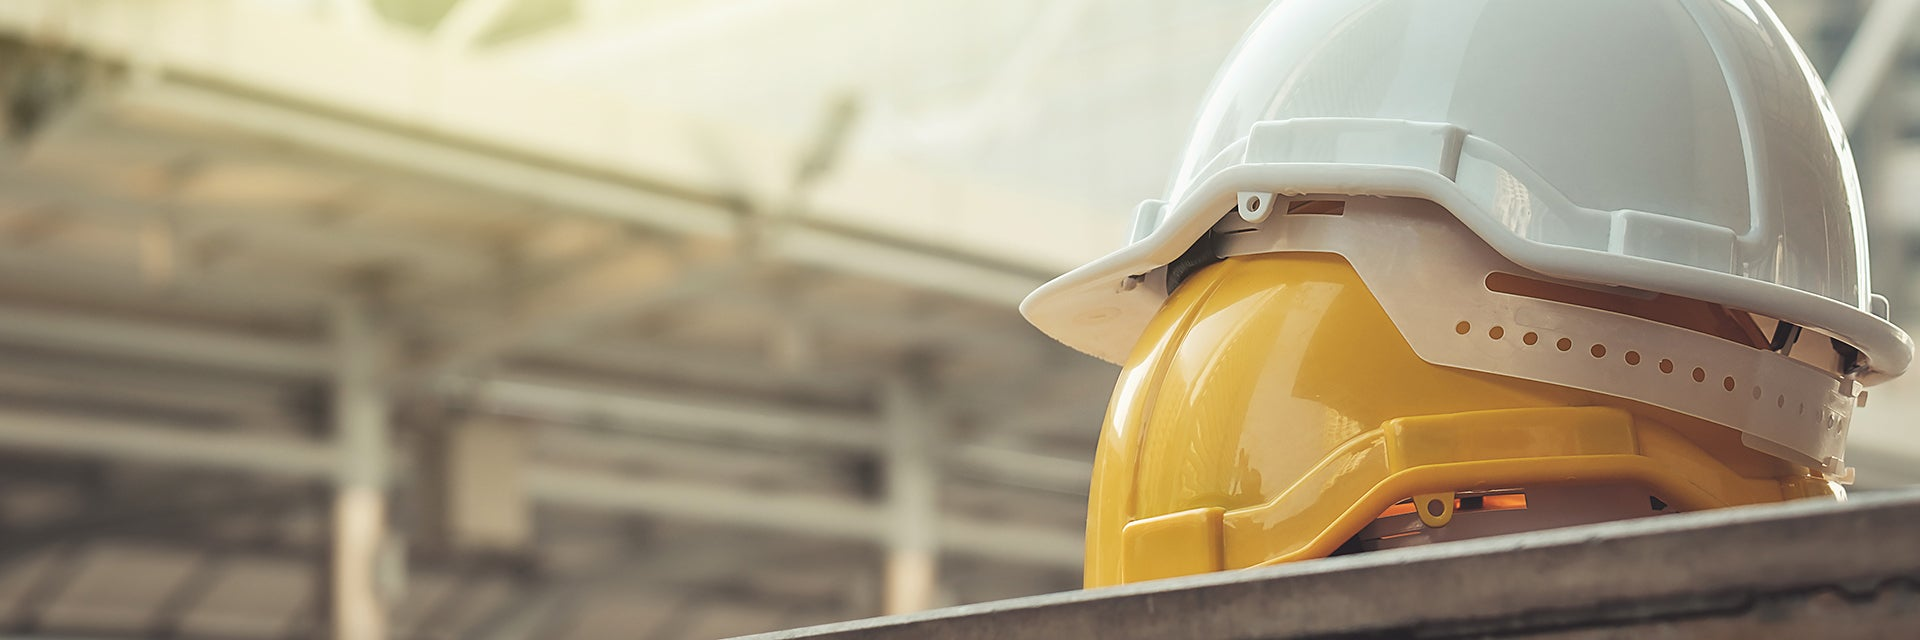 Santé et sécurité chez Lumen - La protection des travailleurs est primordiale